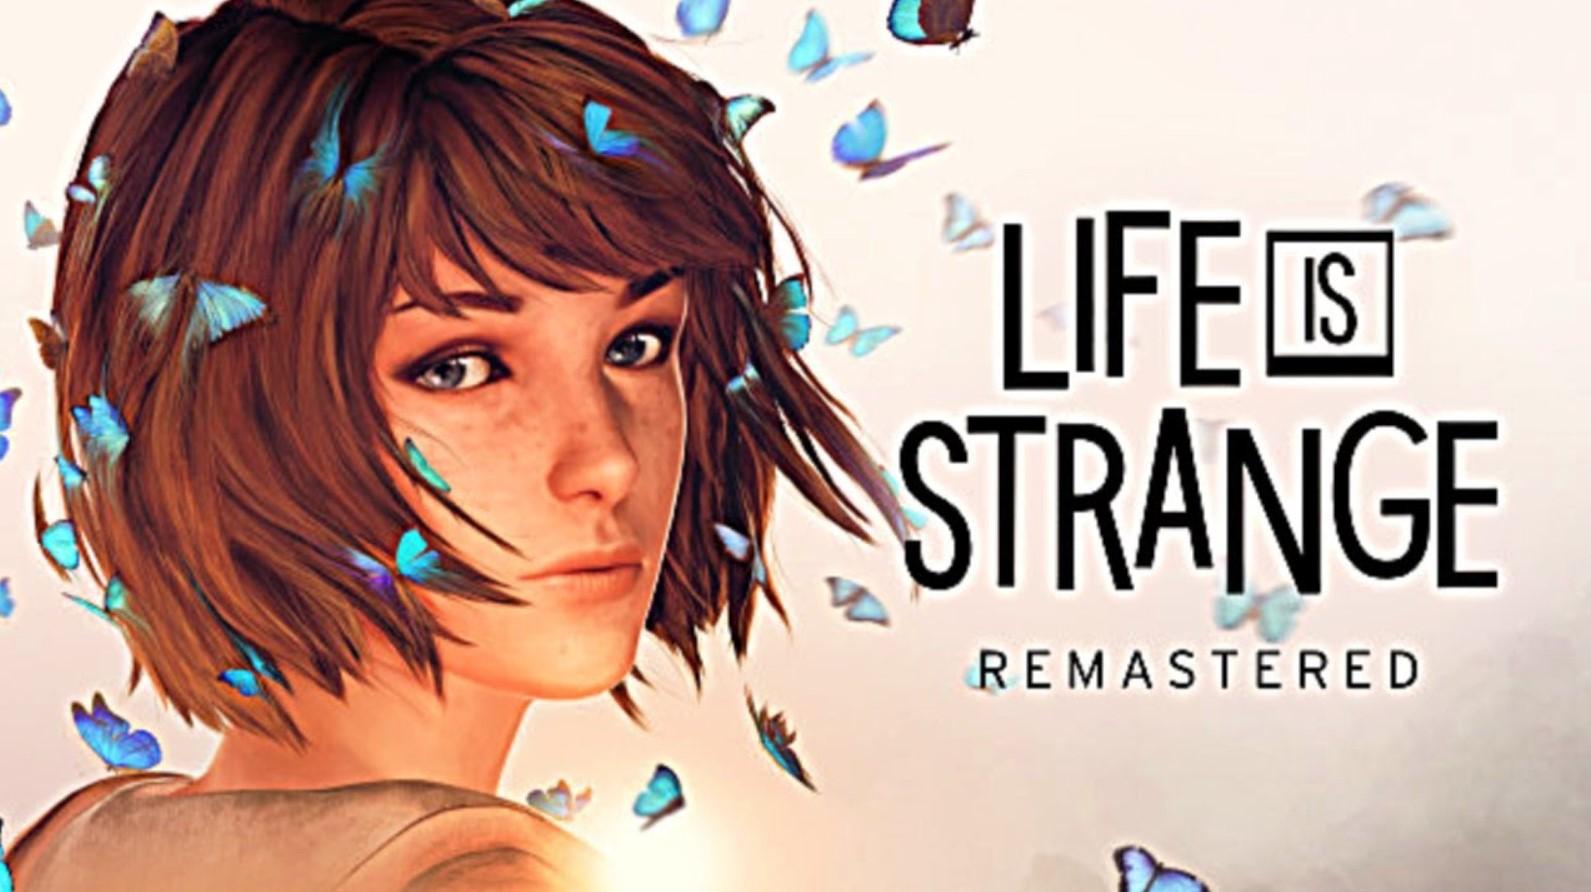 Life is Strange Remastered Download With Crack Torrent